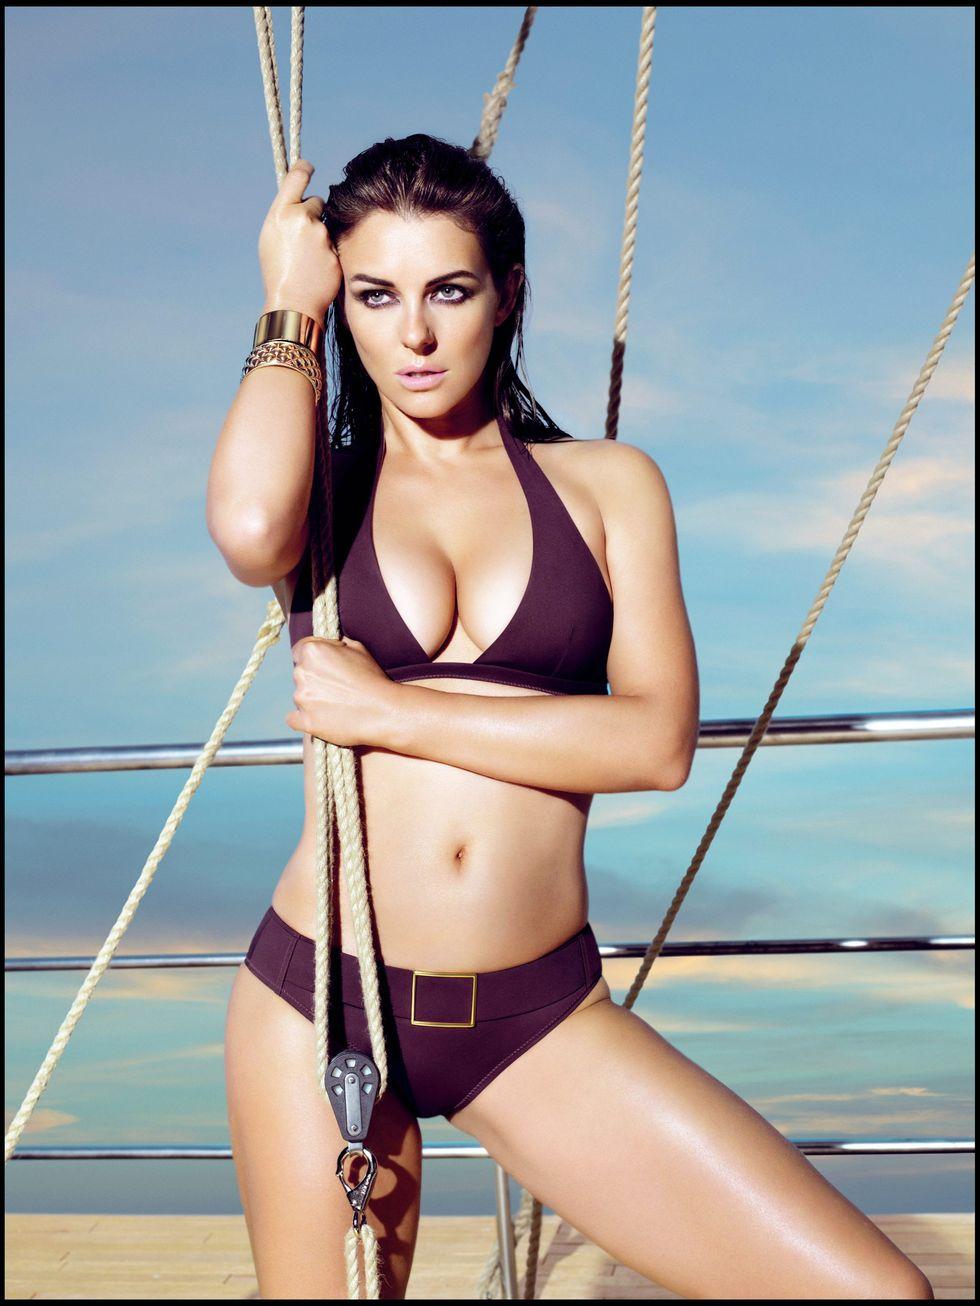 elizabeth-hurley-mng-bikini-collection-photoshoot-01